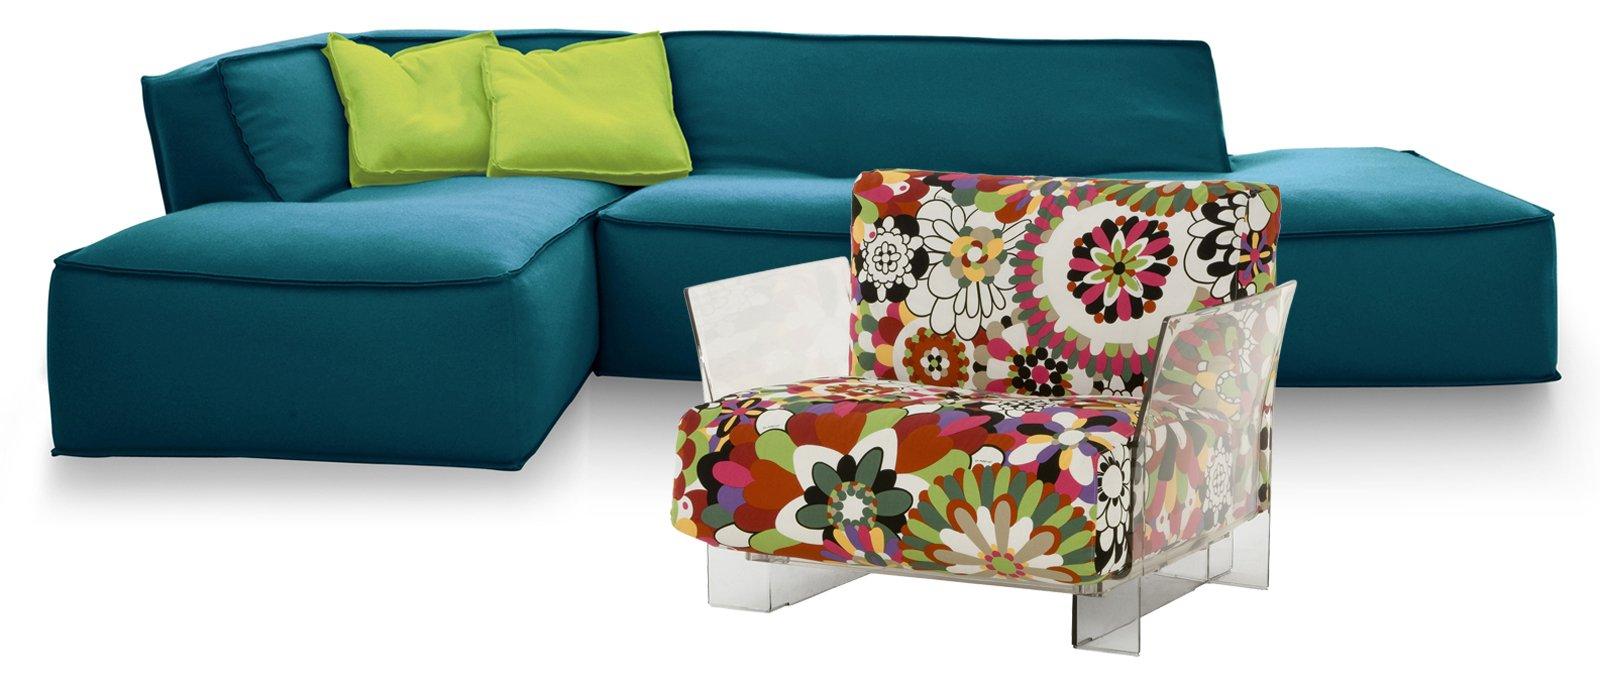 Poltrona e divano idee per abbinarli cose di casa for Poltrona fai da te